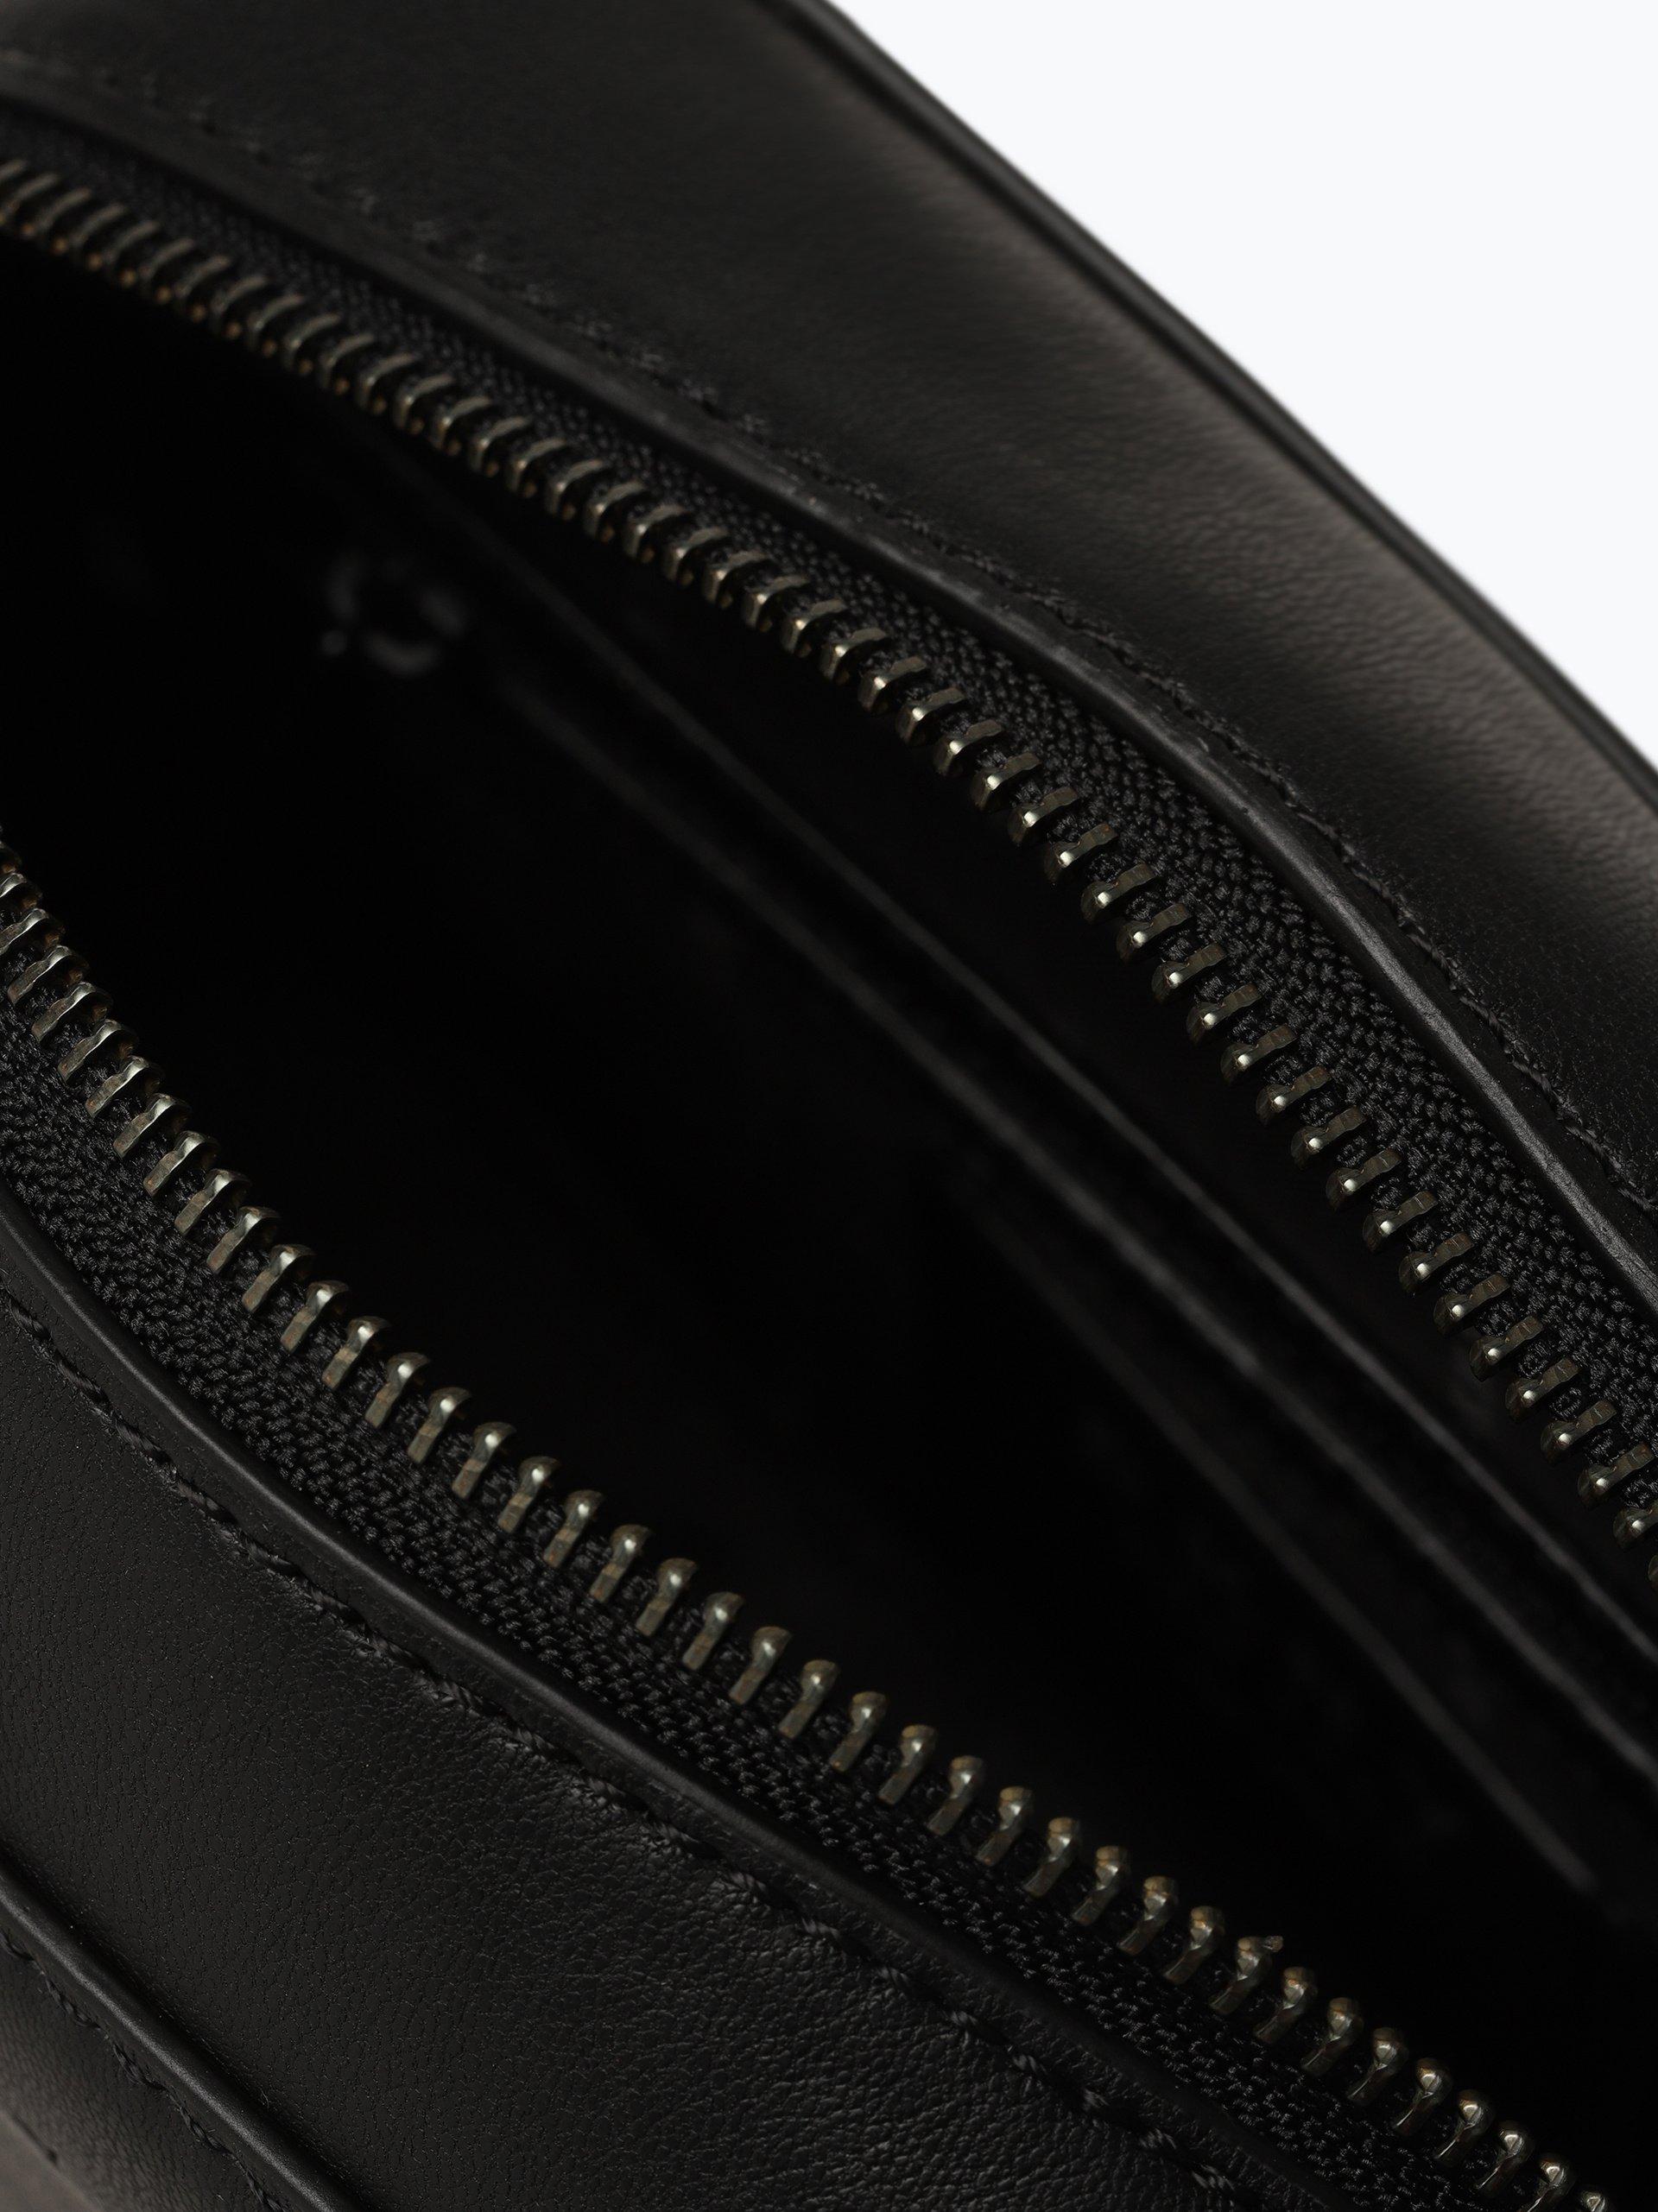 DKNY Damska torebka na ramię